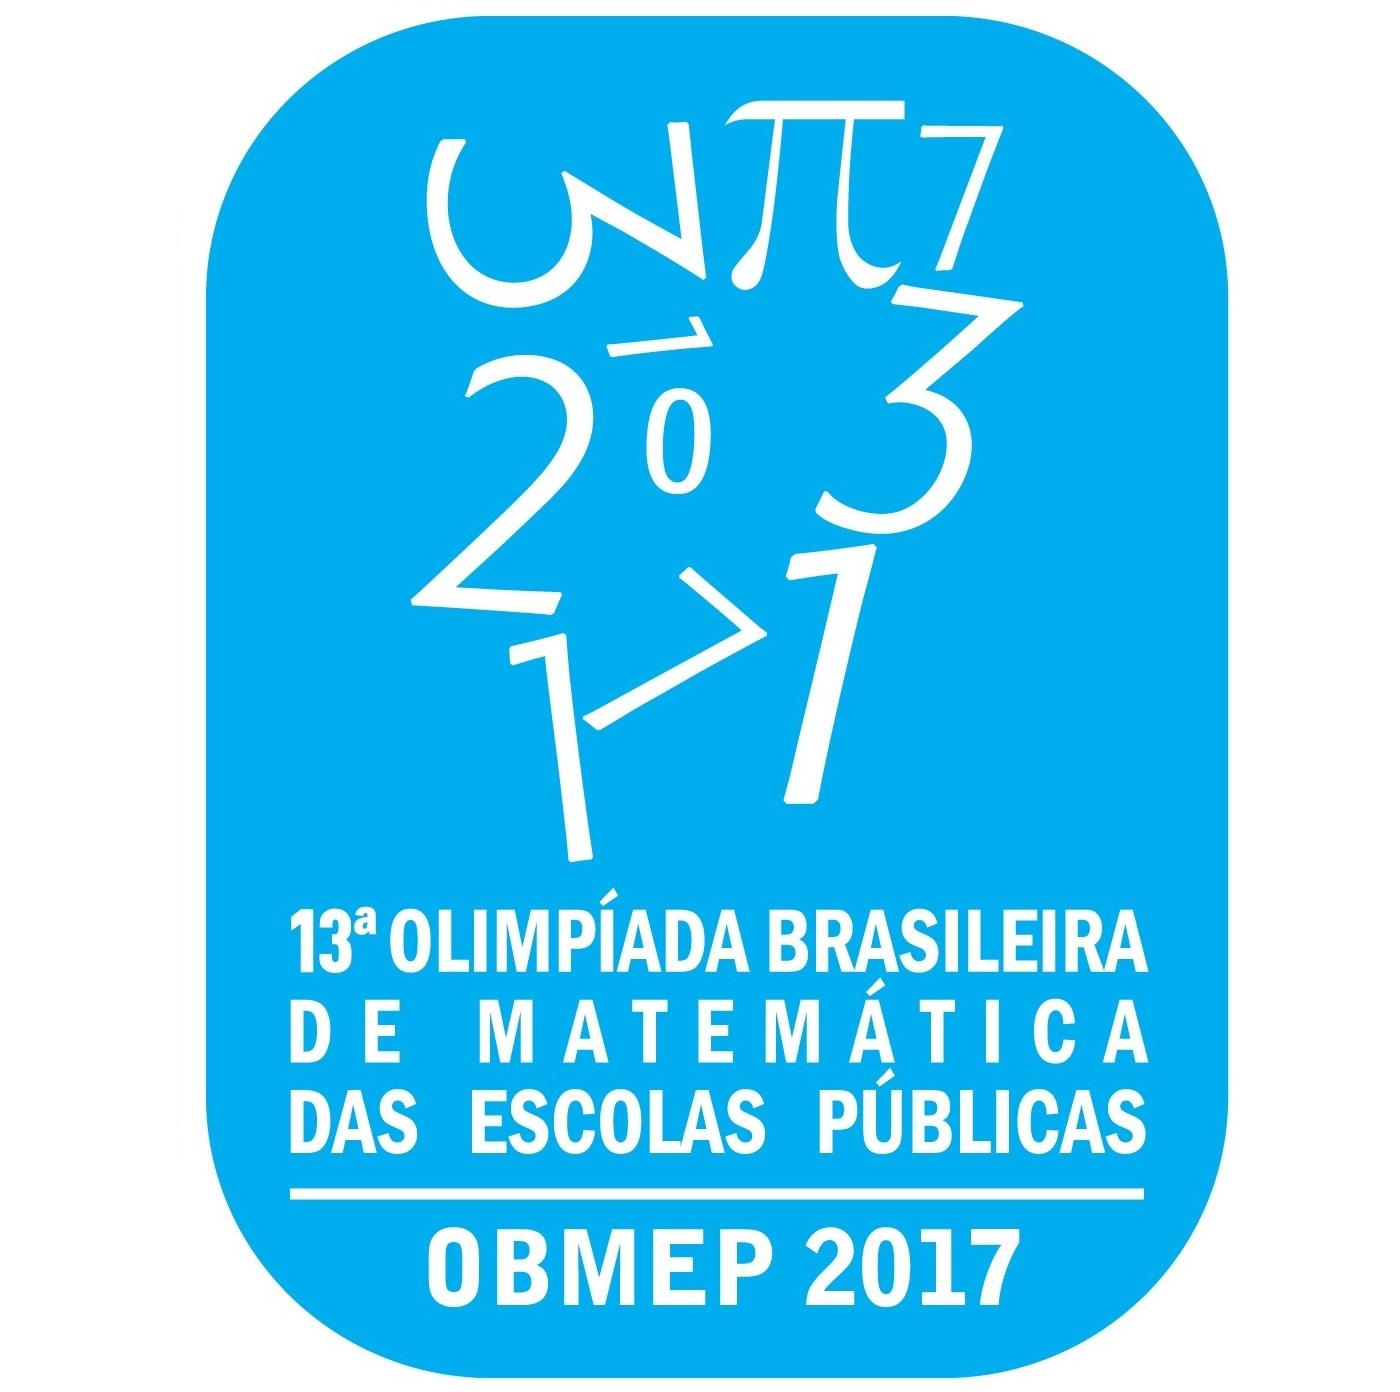 Com participação de 99,6% dos Municípios, Olimpíada de Matemática começa nesta terça